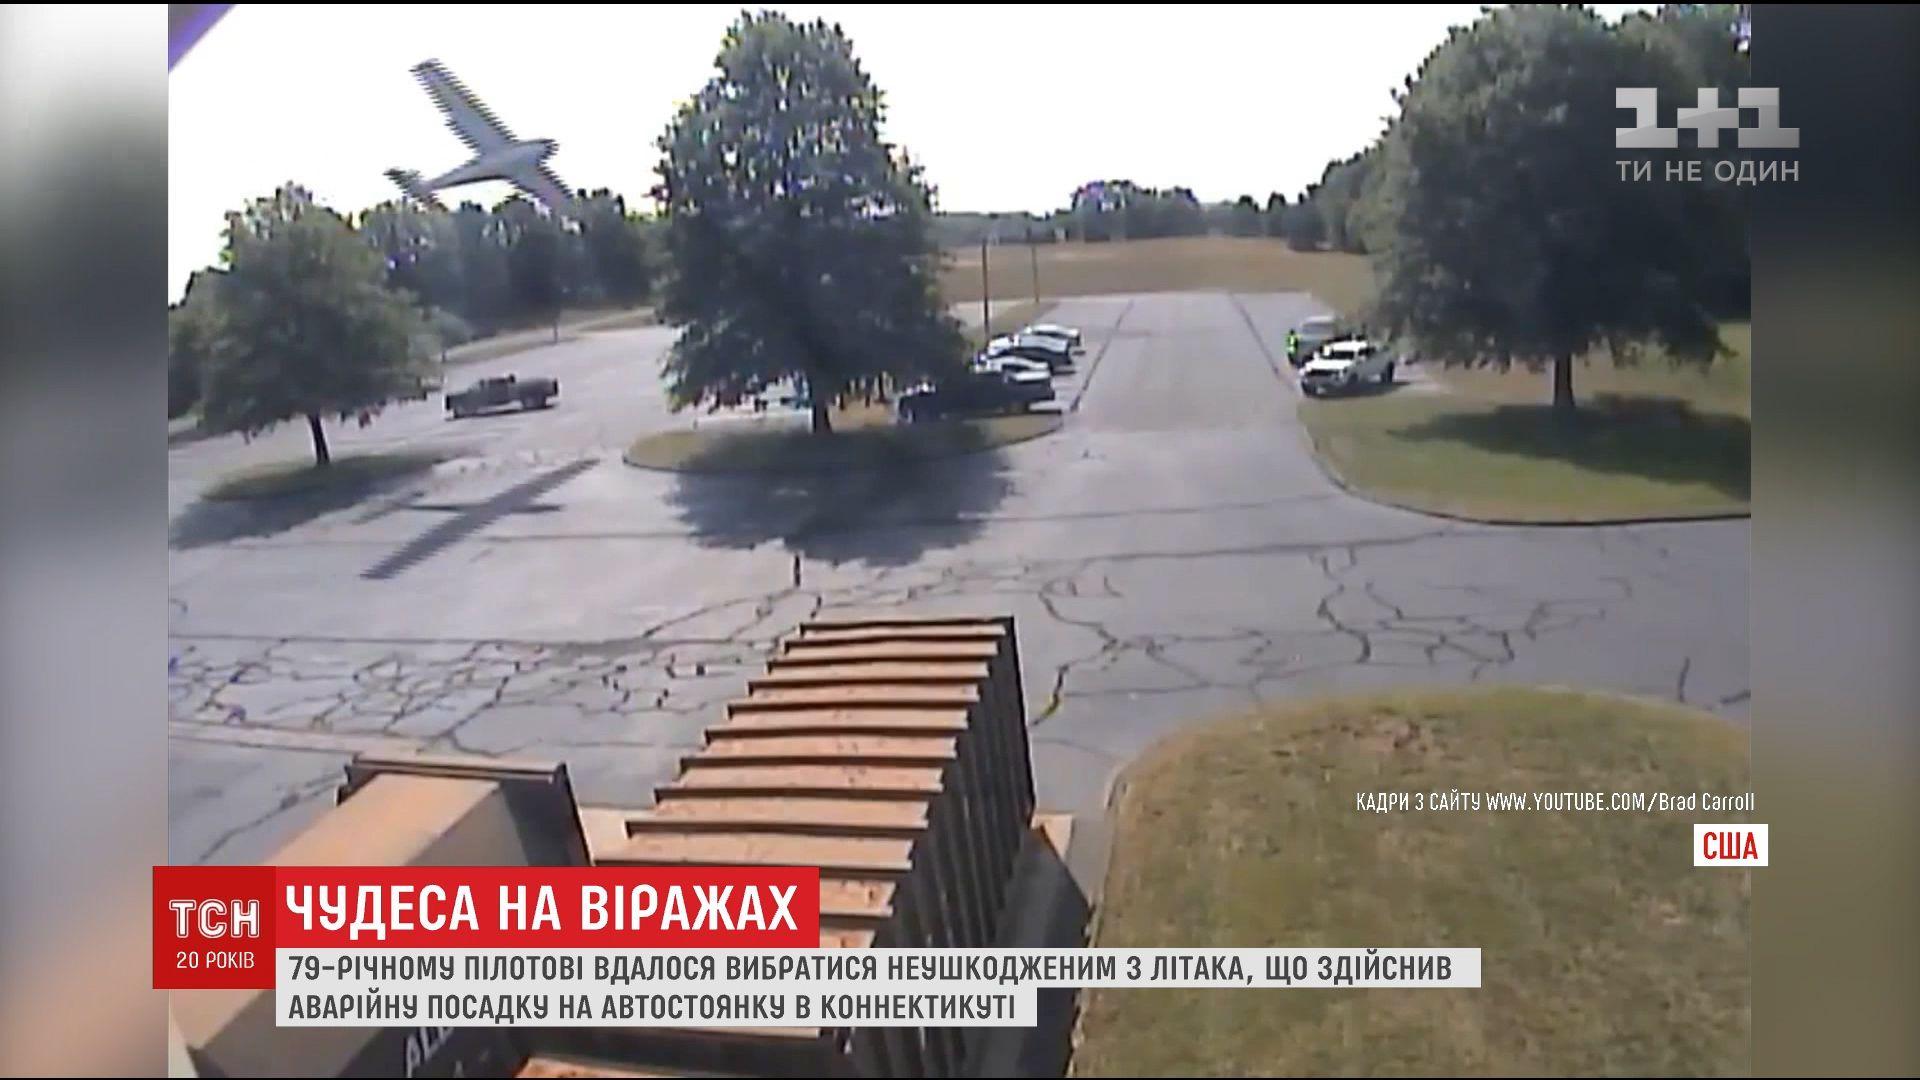 Самолет зацепился за ветки деревьев и упал прямо на автостоянку